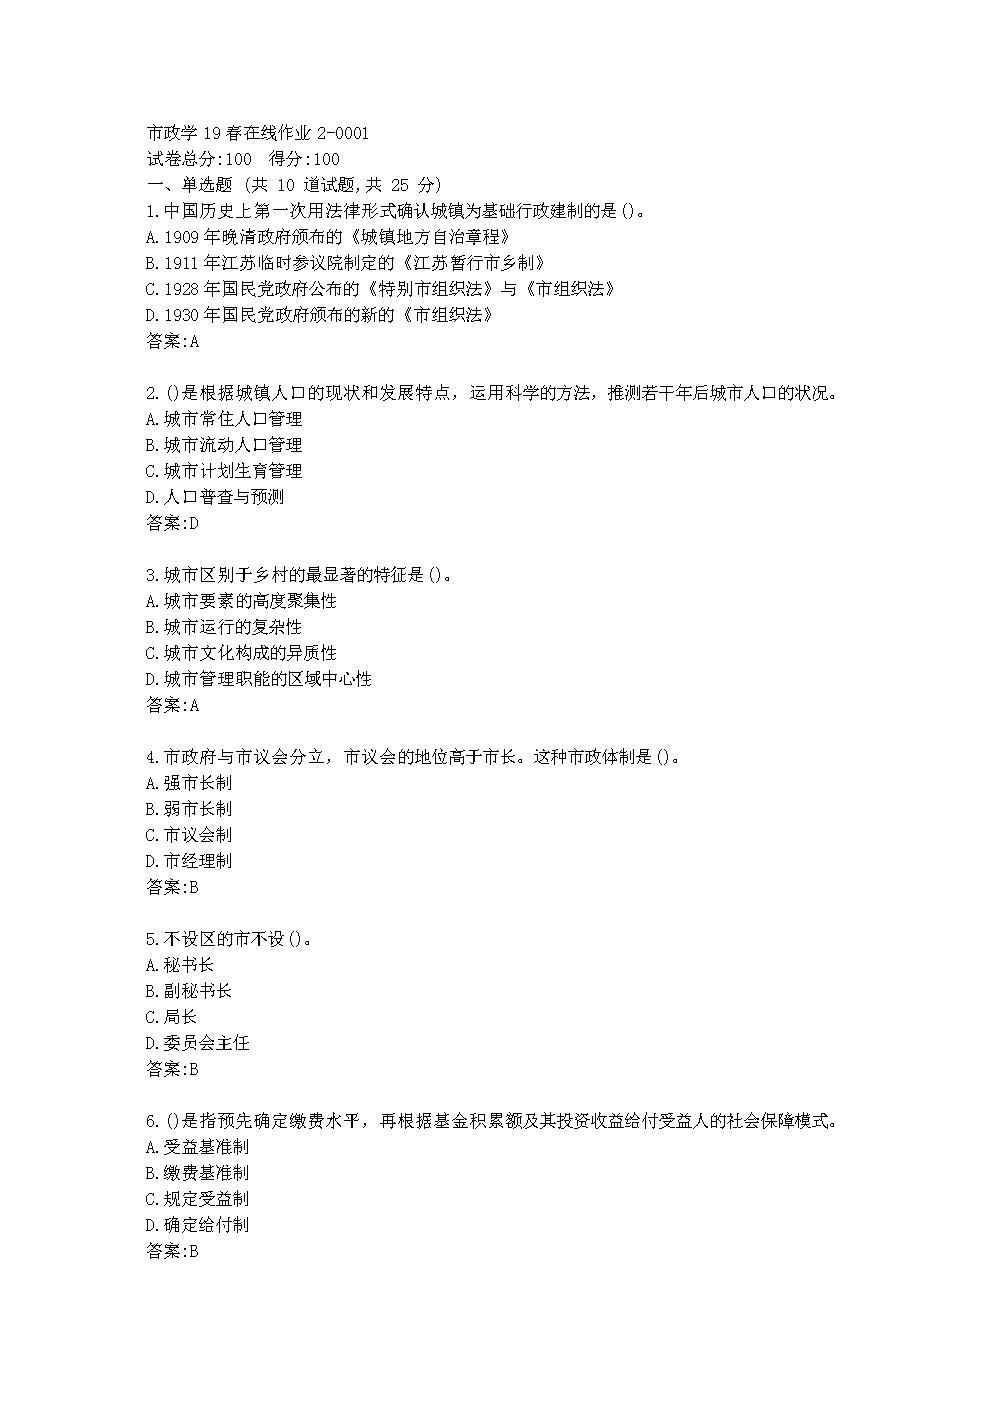 东师市政学20秋在线作业2【标准答案】.docx